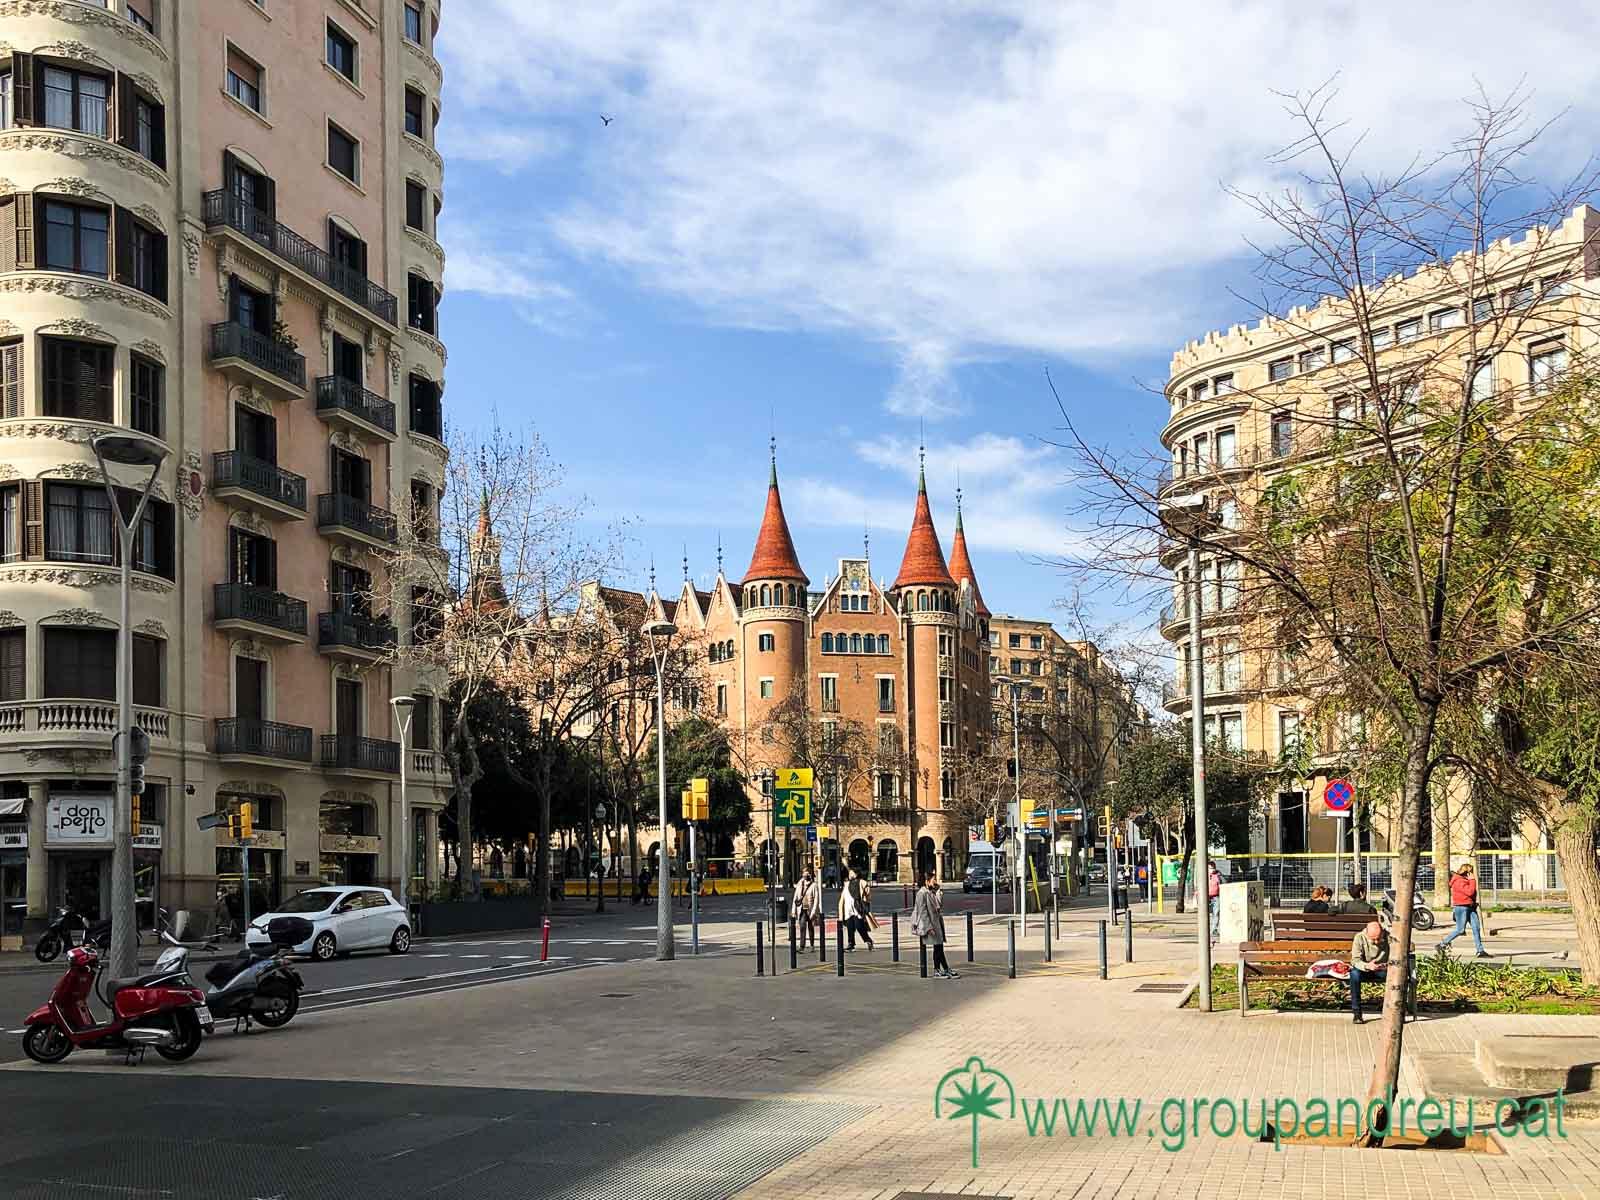 Group Andreu